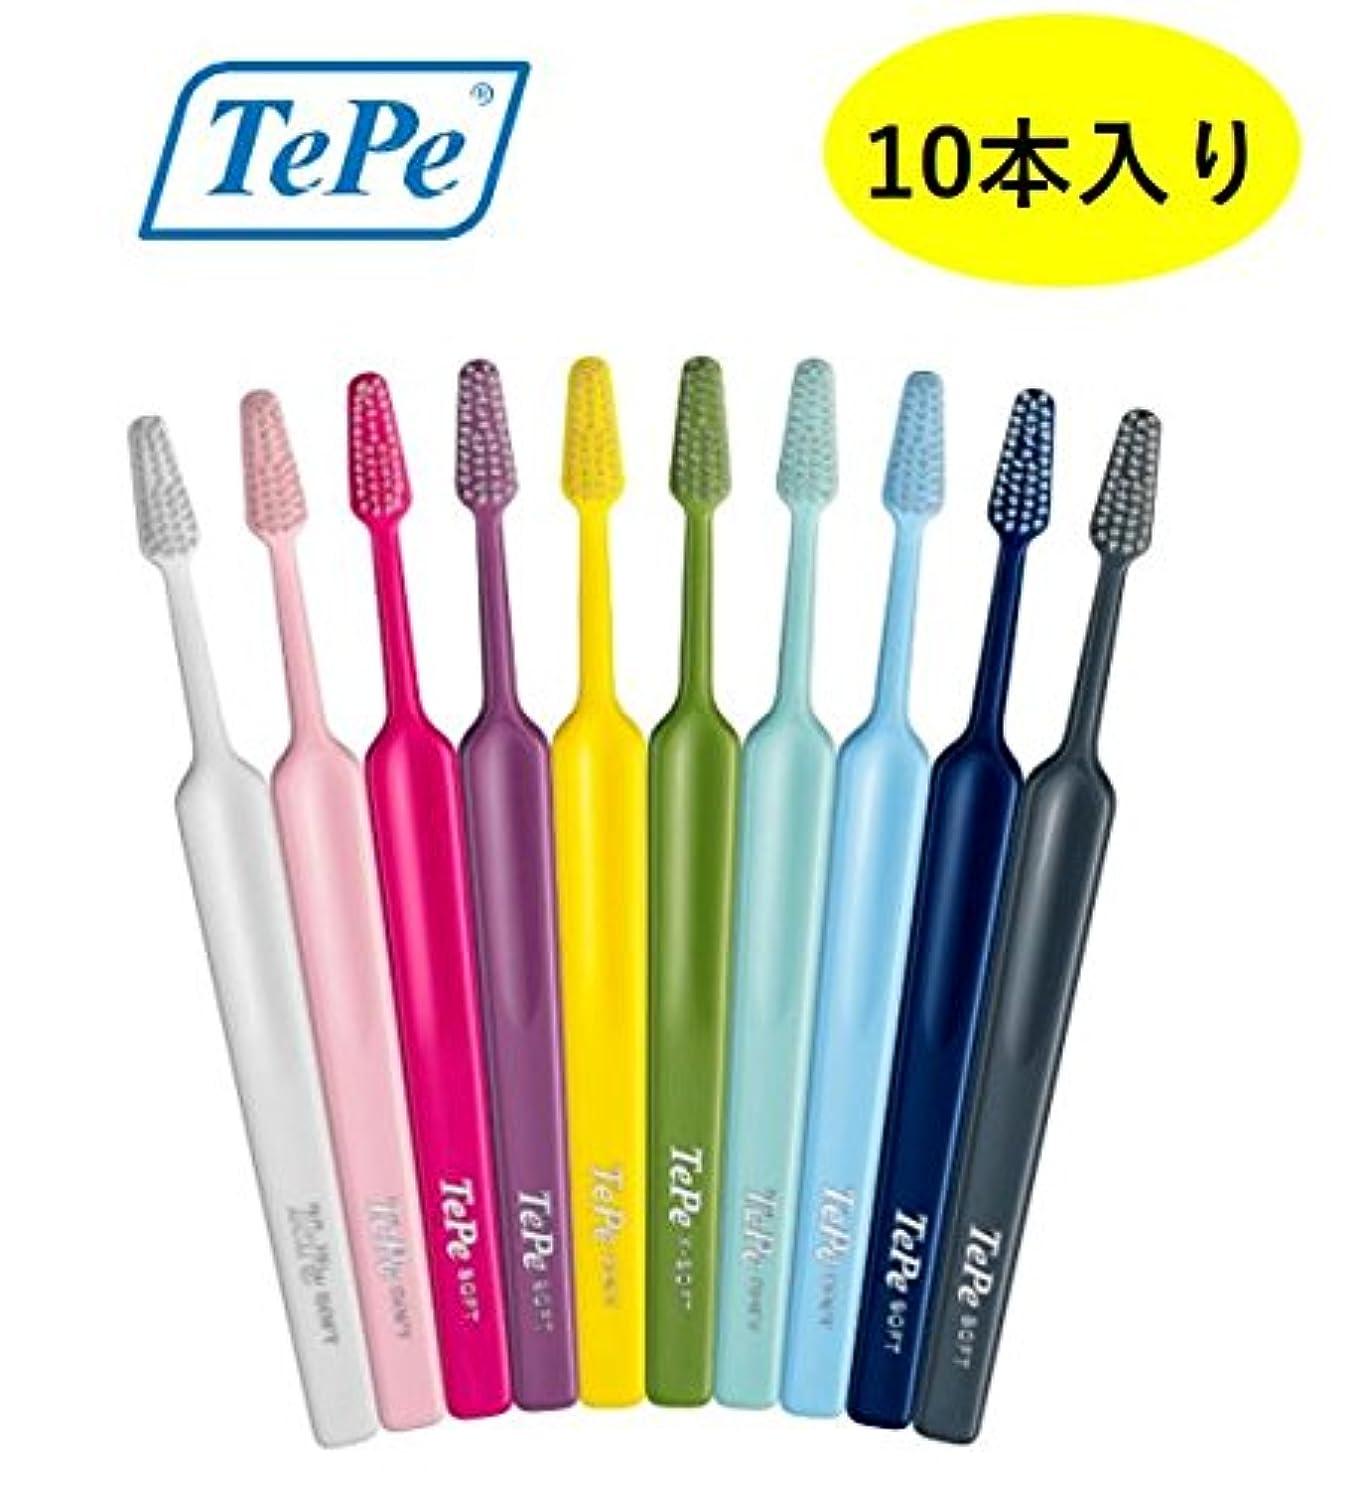 テペ コンパクト ミディアム 10本 ブリスターパック TePe